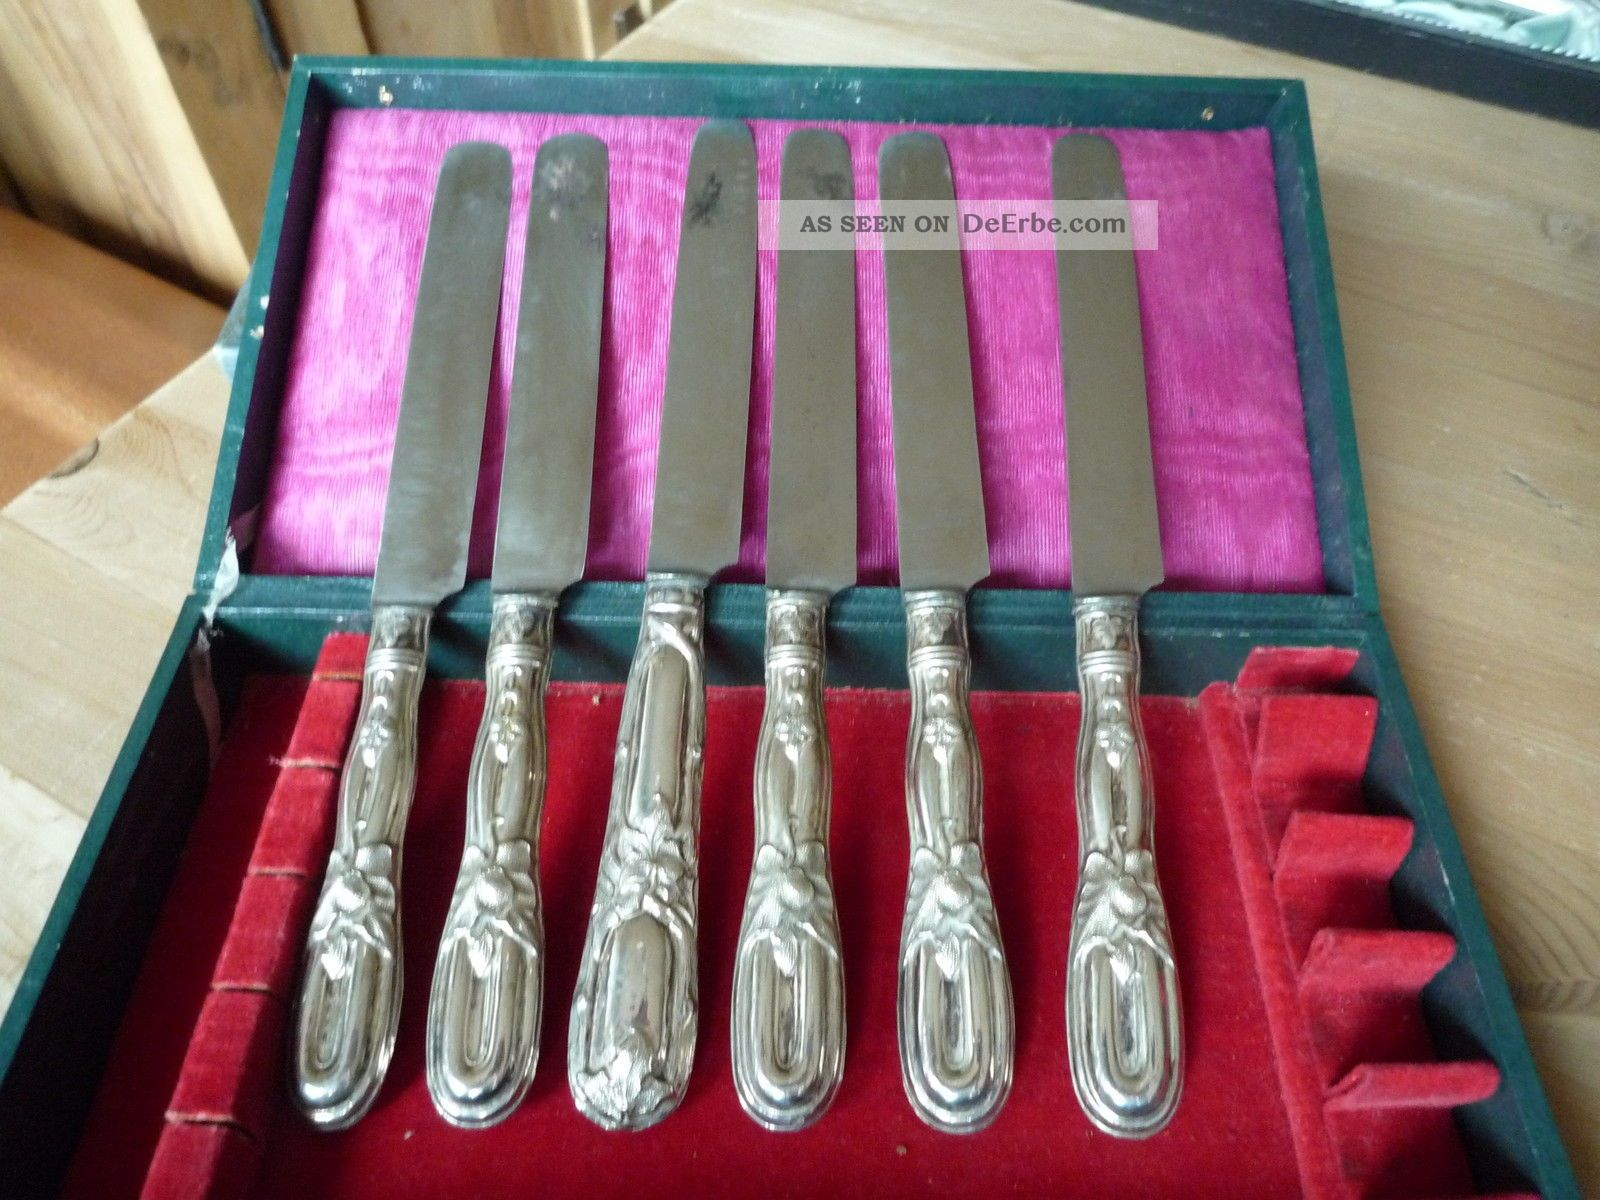 6 Christofel Dessertmesser,  Vorlegemesser,  Messer,  Marly ?? Objekte ab 1945 Bild